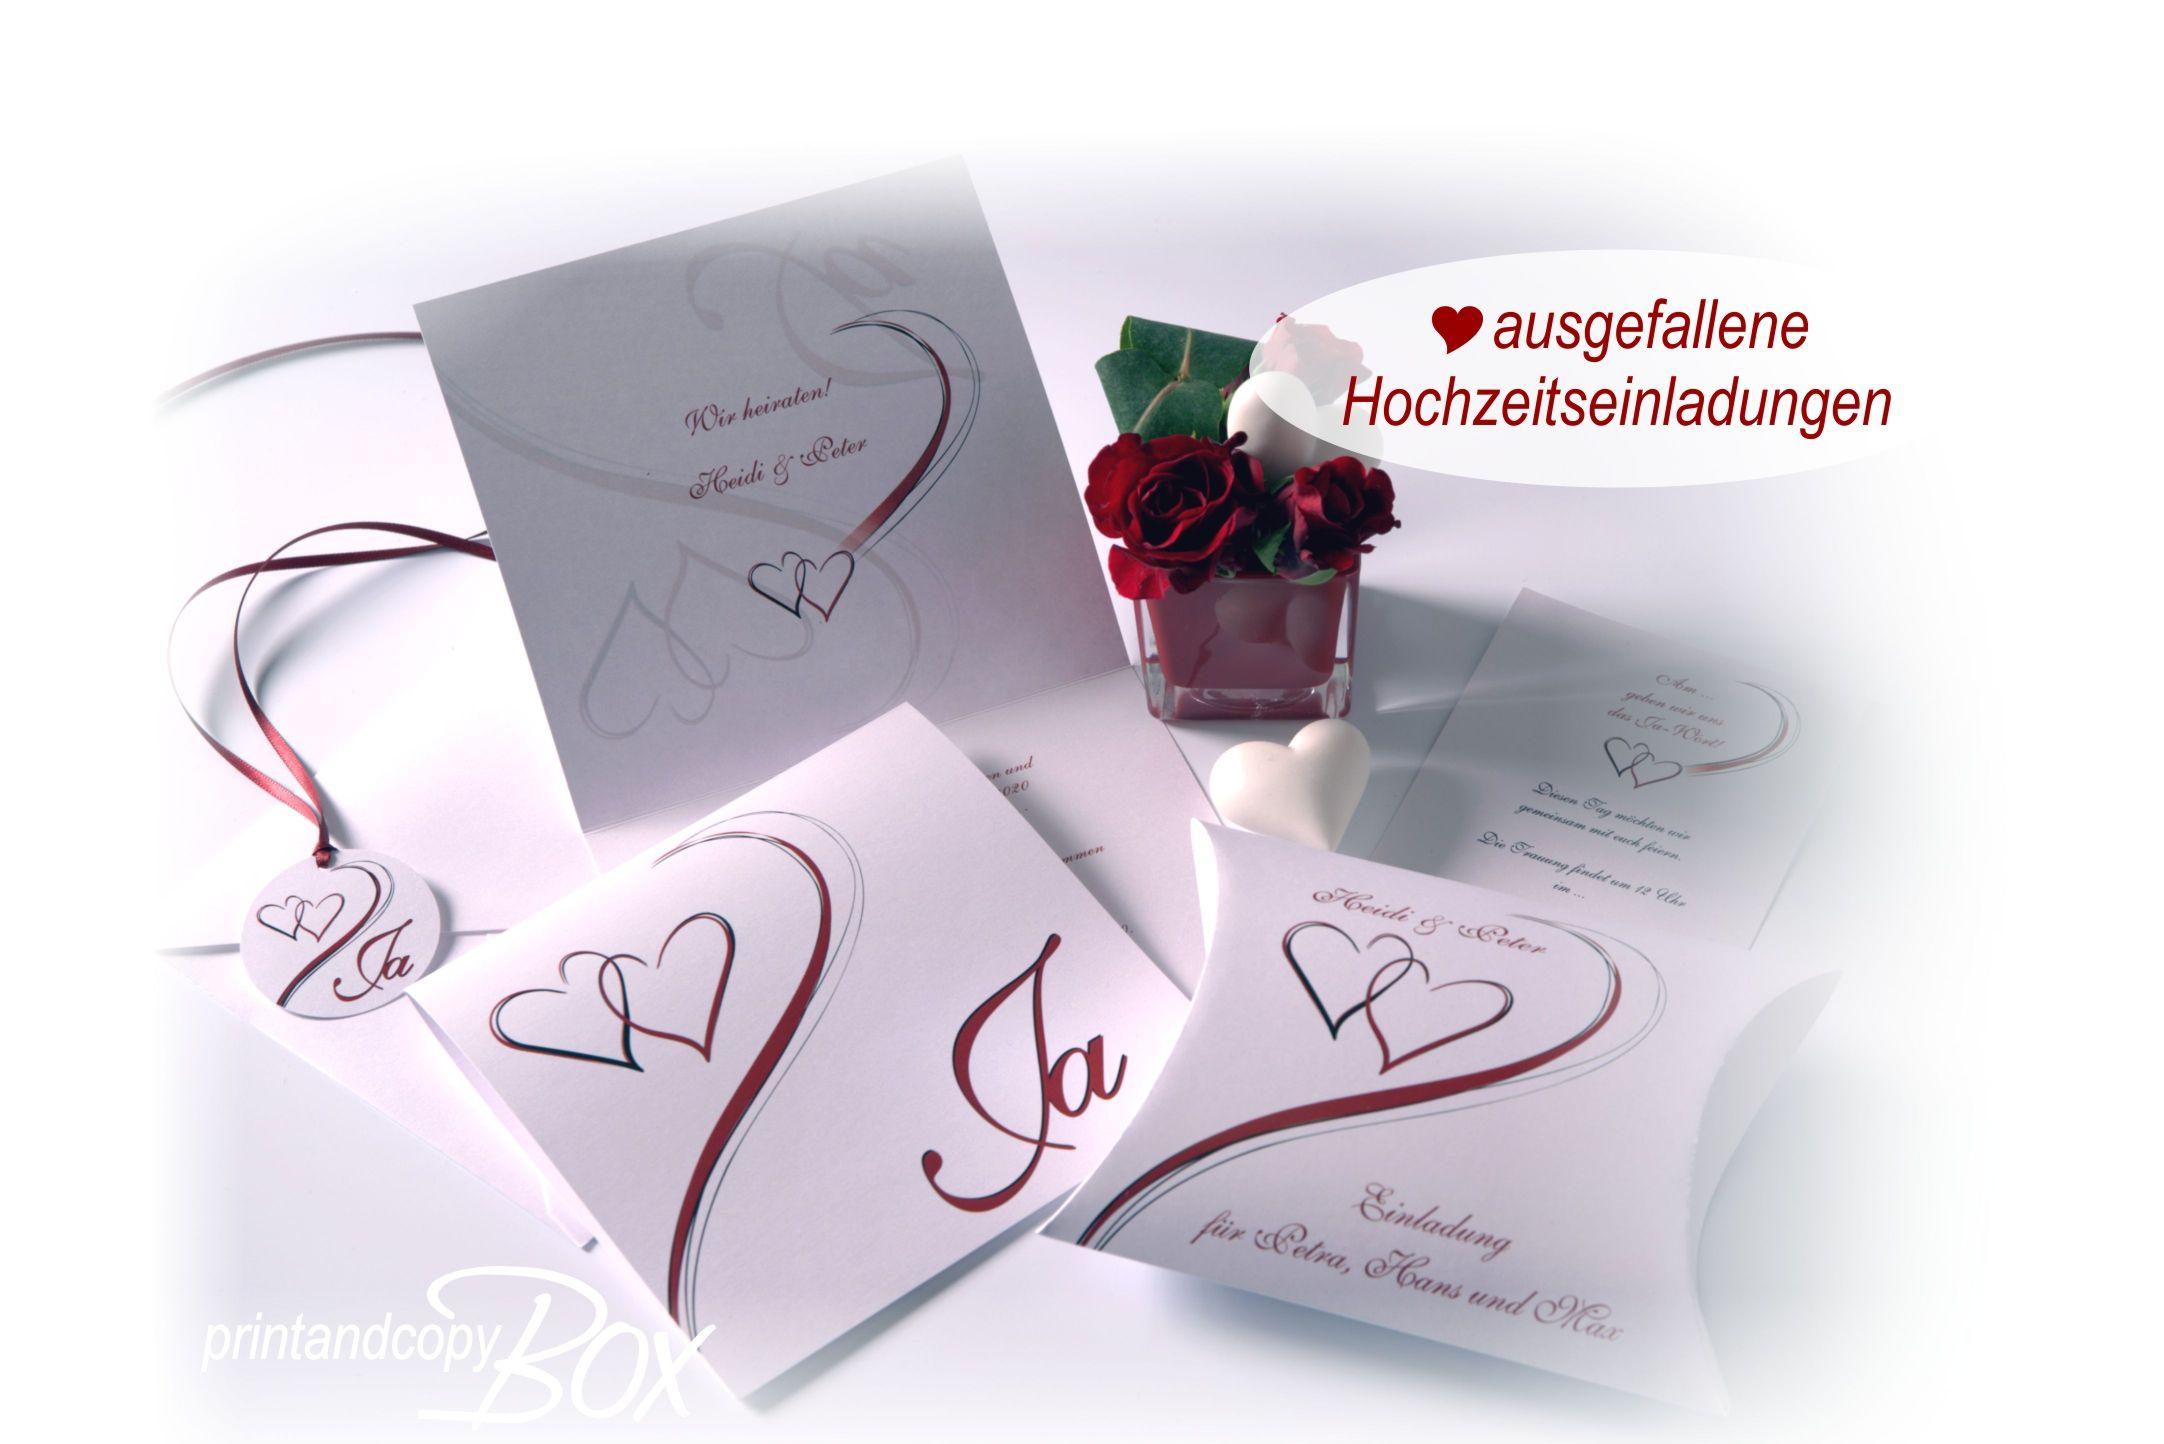 Elegante Hochzeitseinladungen, Die Nicht Jeder Hat. Die Einladungskarte Und  Die Box Mit Der Schriftrolle